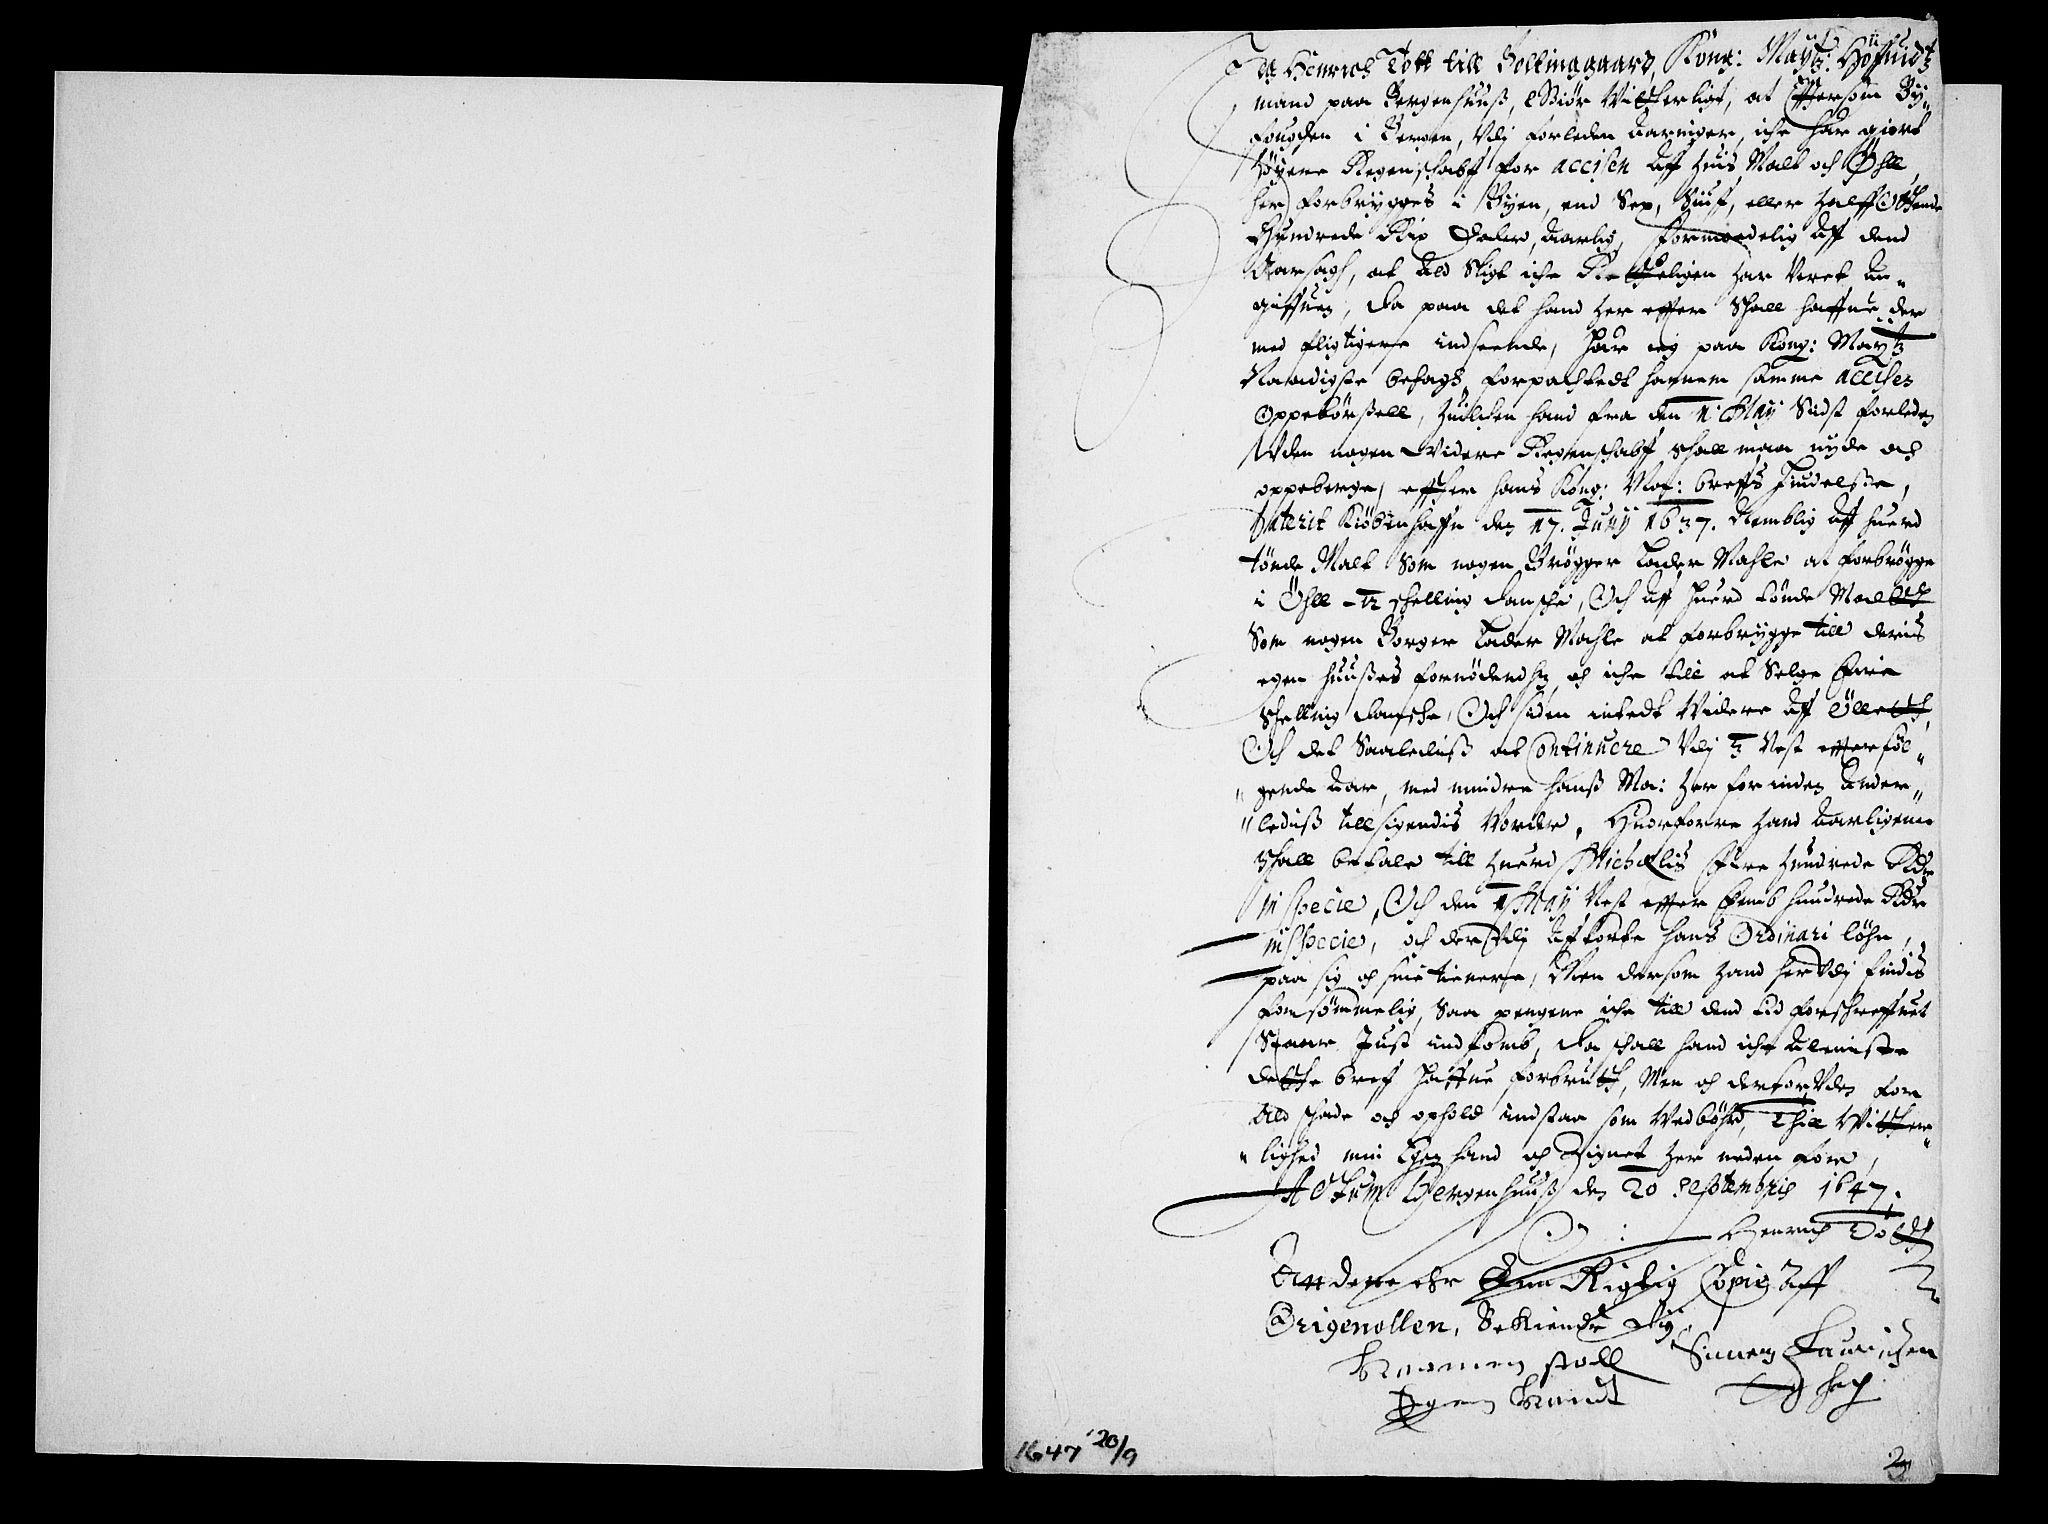 RA, Danske Kanselli, Skapsaker, G/L0019: Tillegg til skapsakene, 1616-1753, s. 112